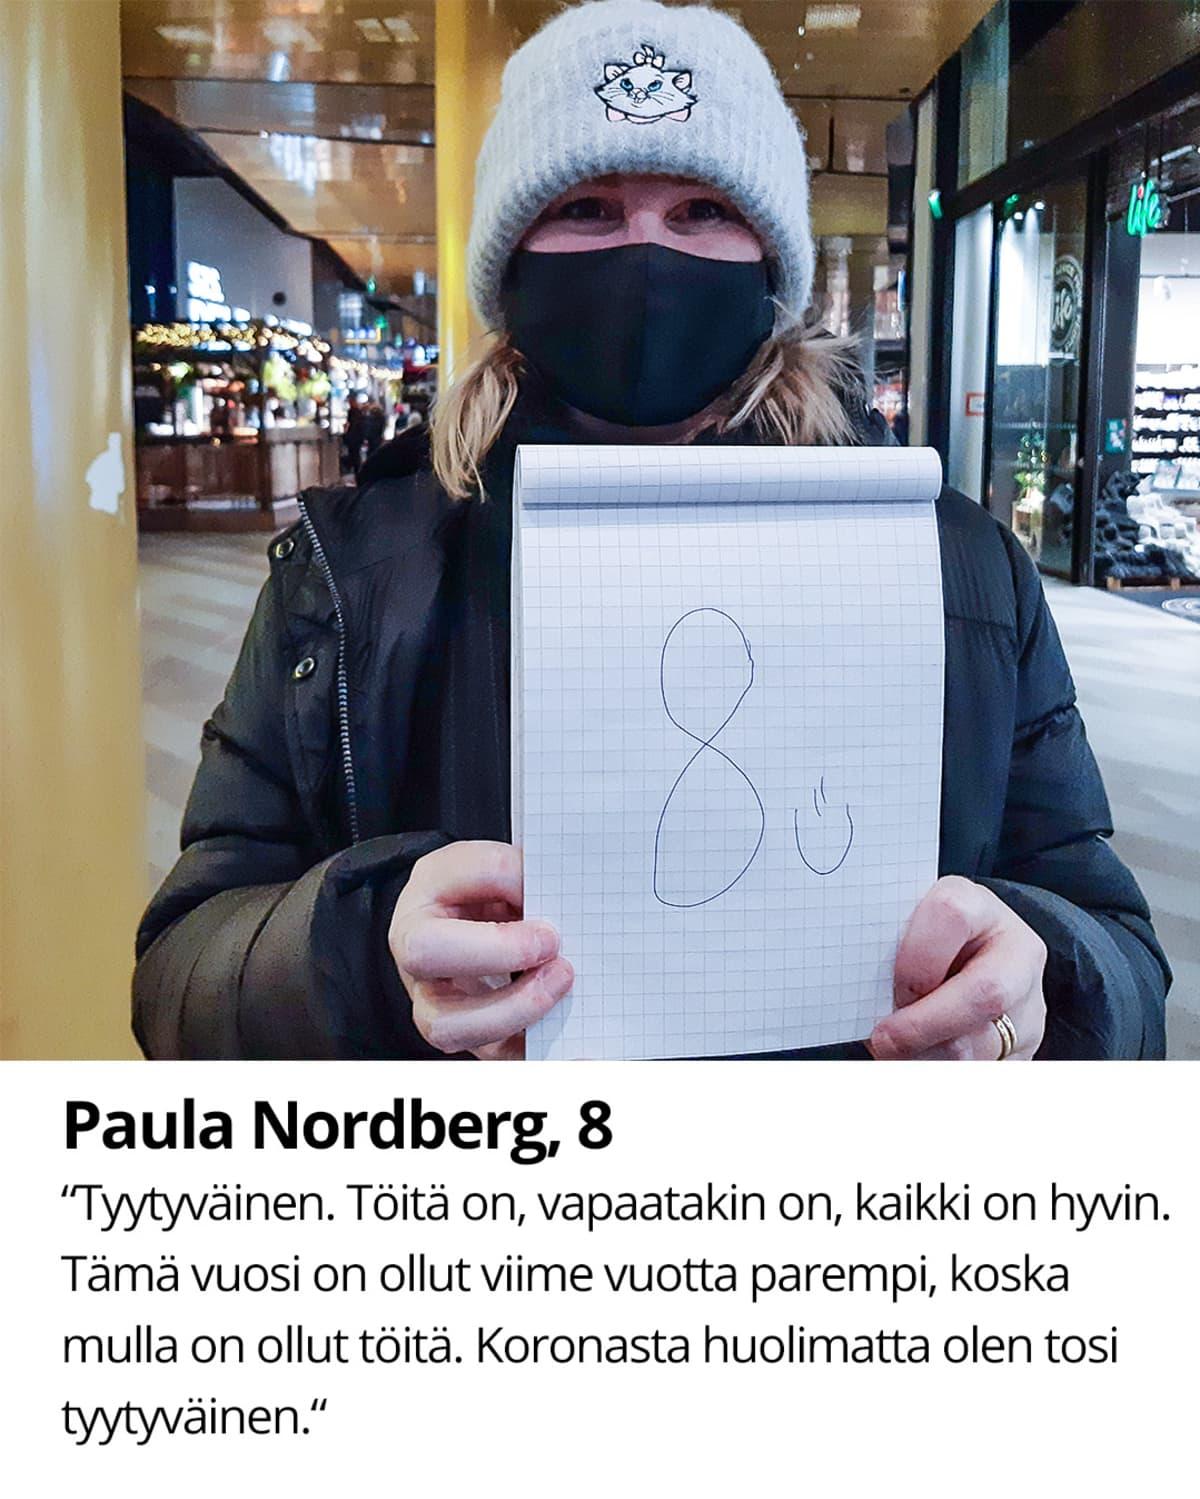 Paula Nordberg, 8